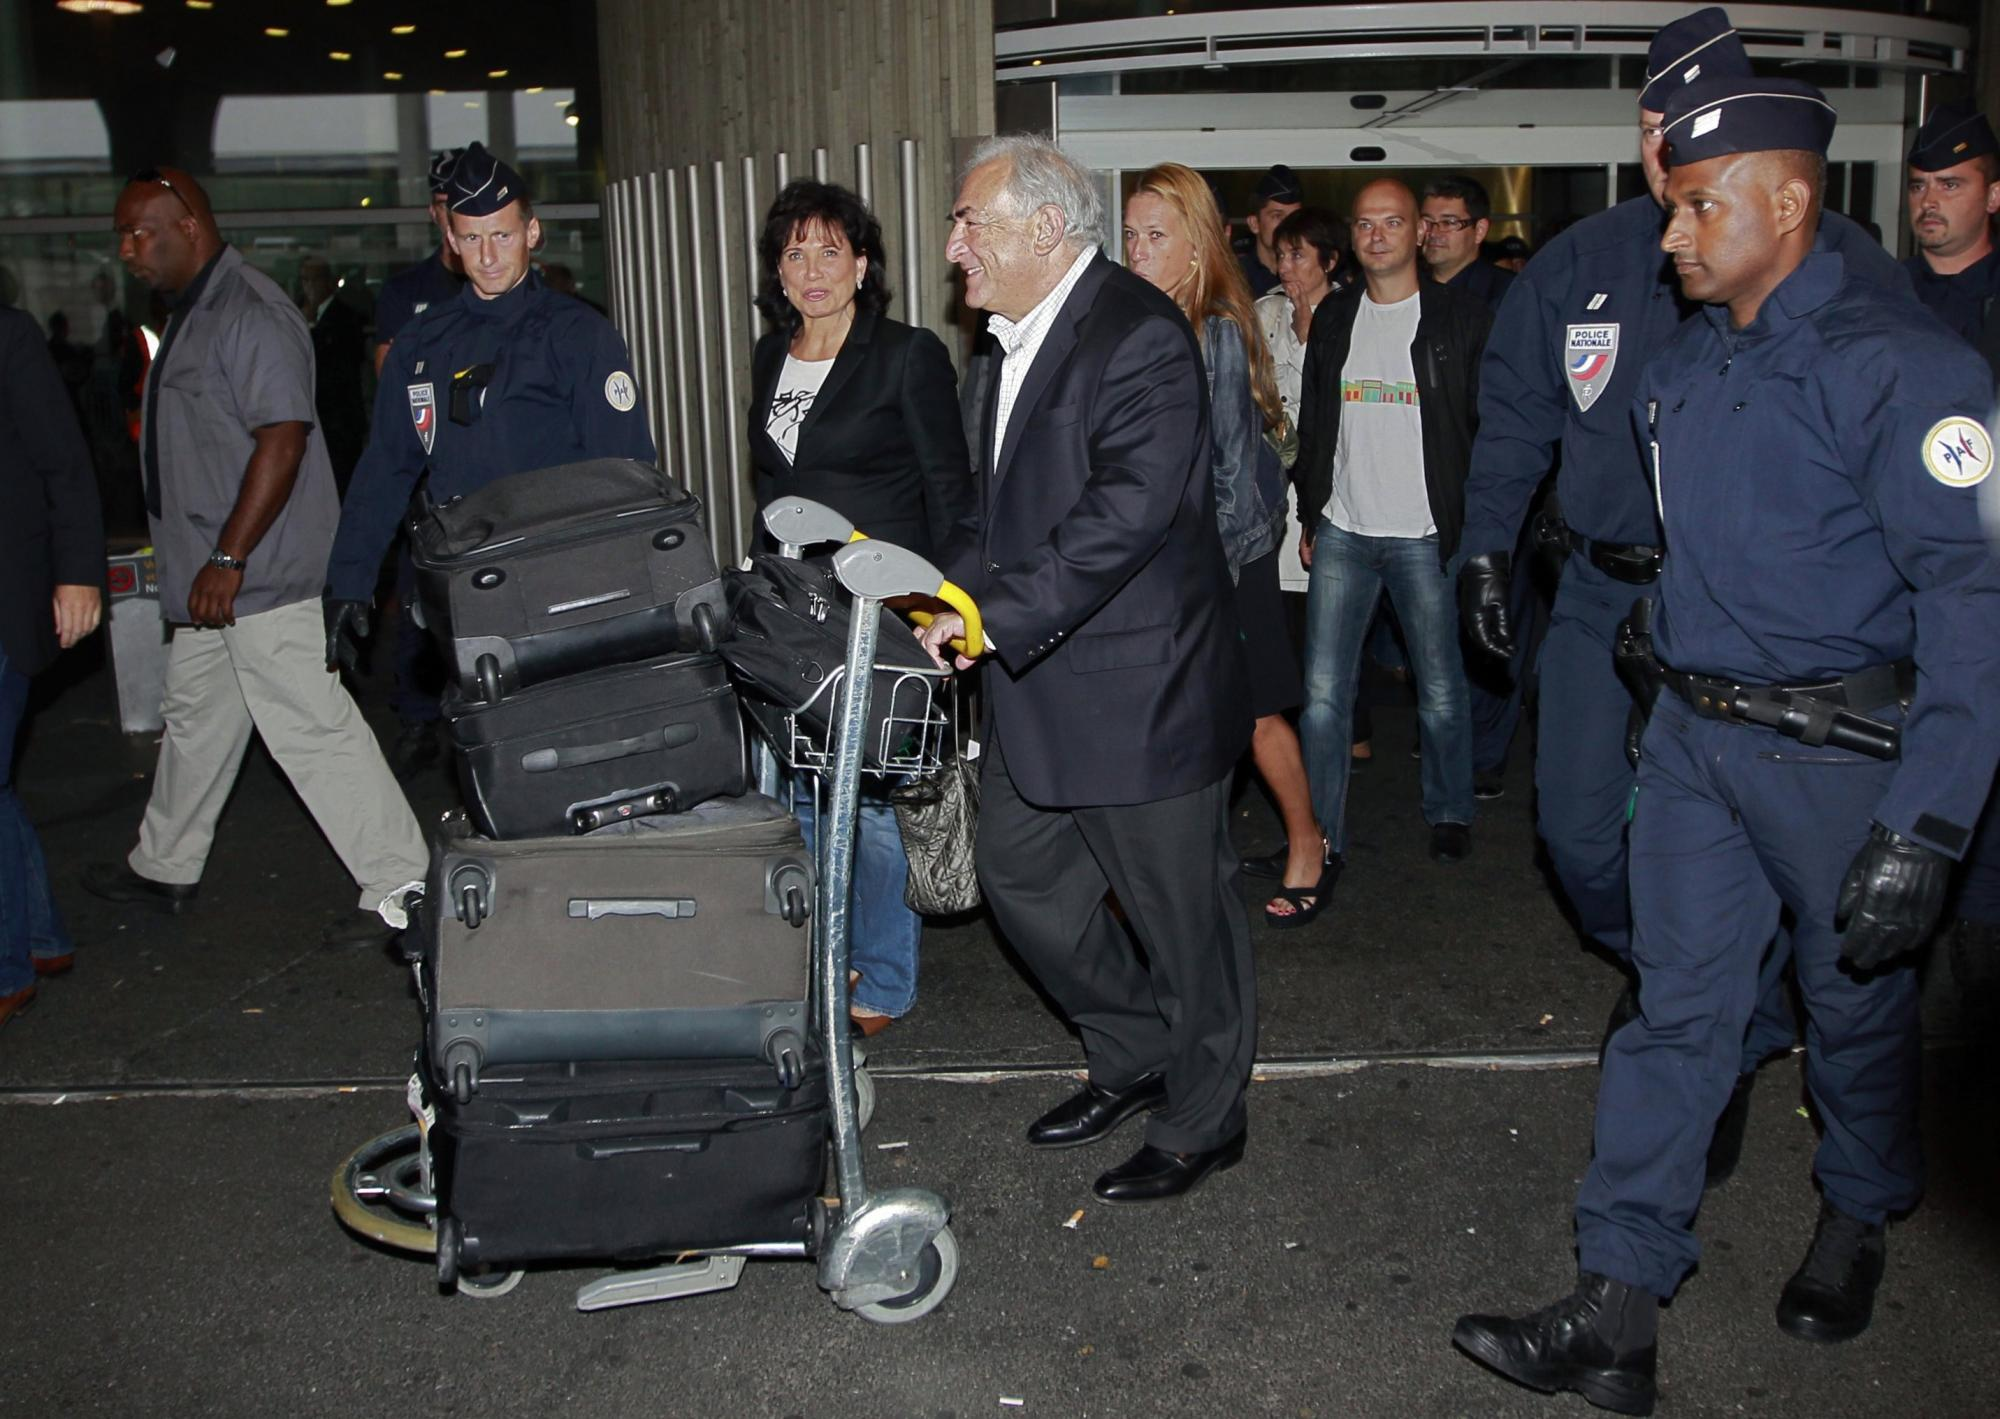 当地时间9月4日,卡恩夫妇抵达法国戴高乐机场。